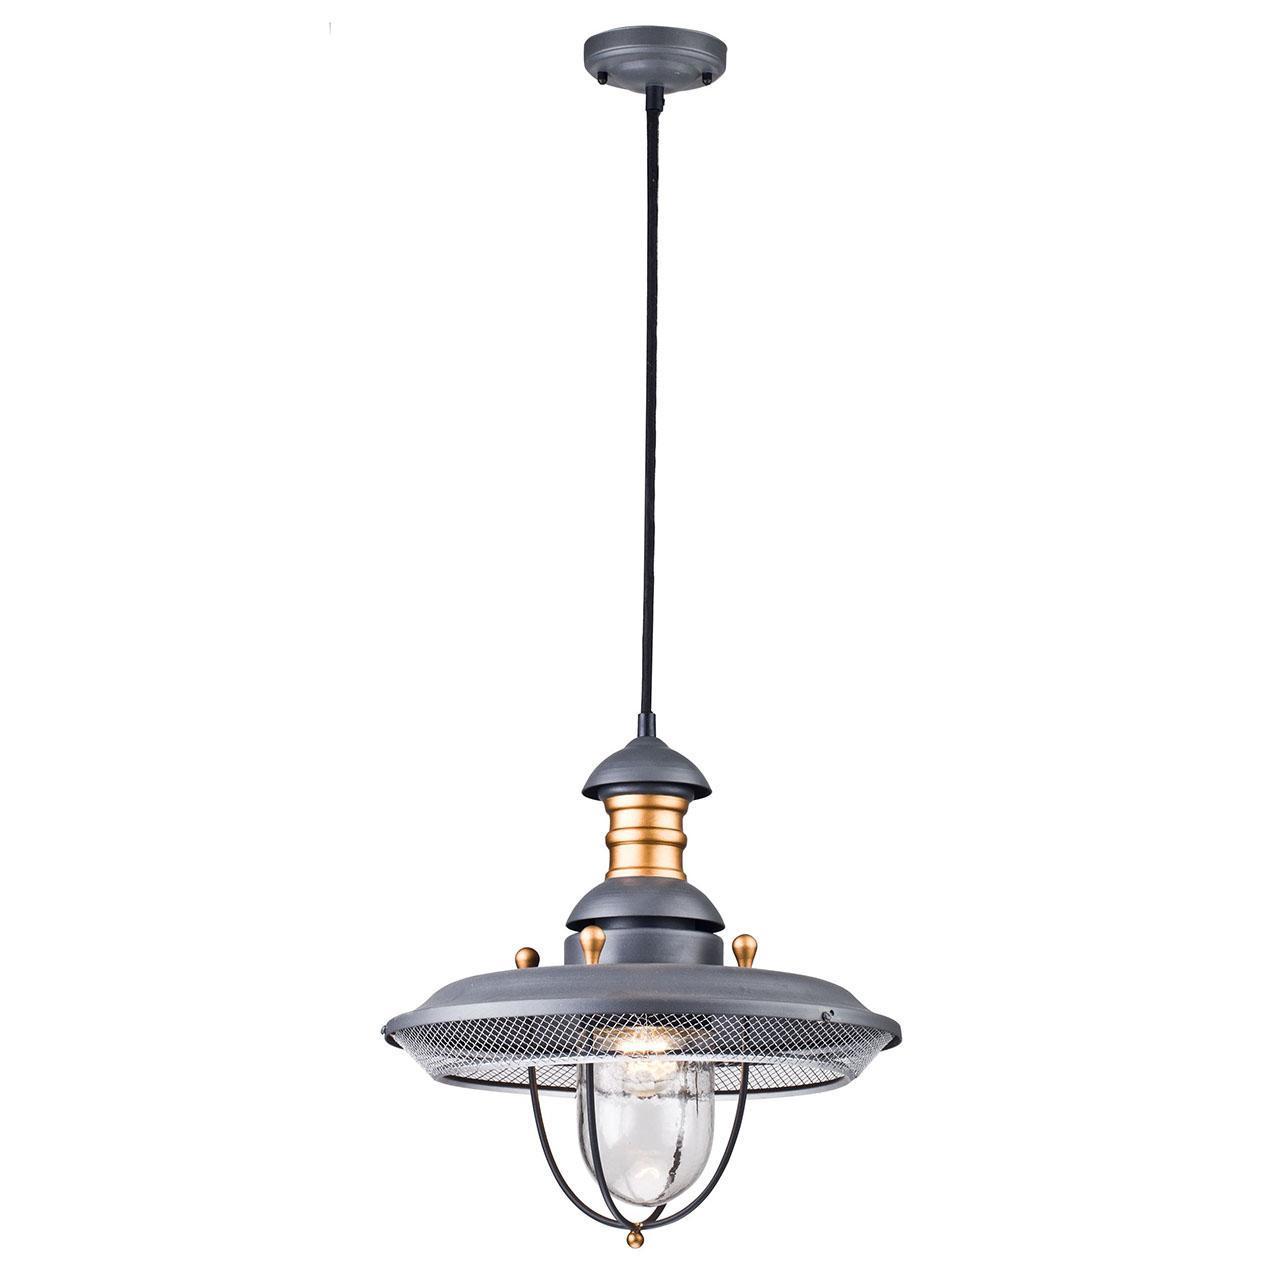 Уличный подвесной светильник Maytoni Magnificent Mile S105-106-41-G светильник на штанге maytoni magnificent mile s105 57 01 g